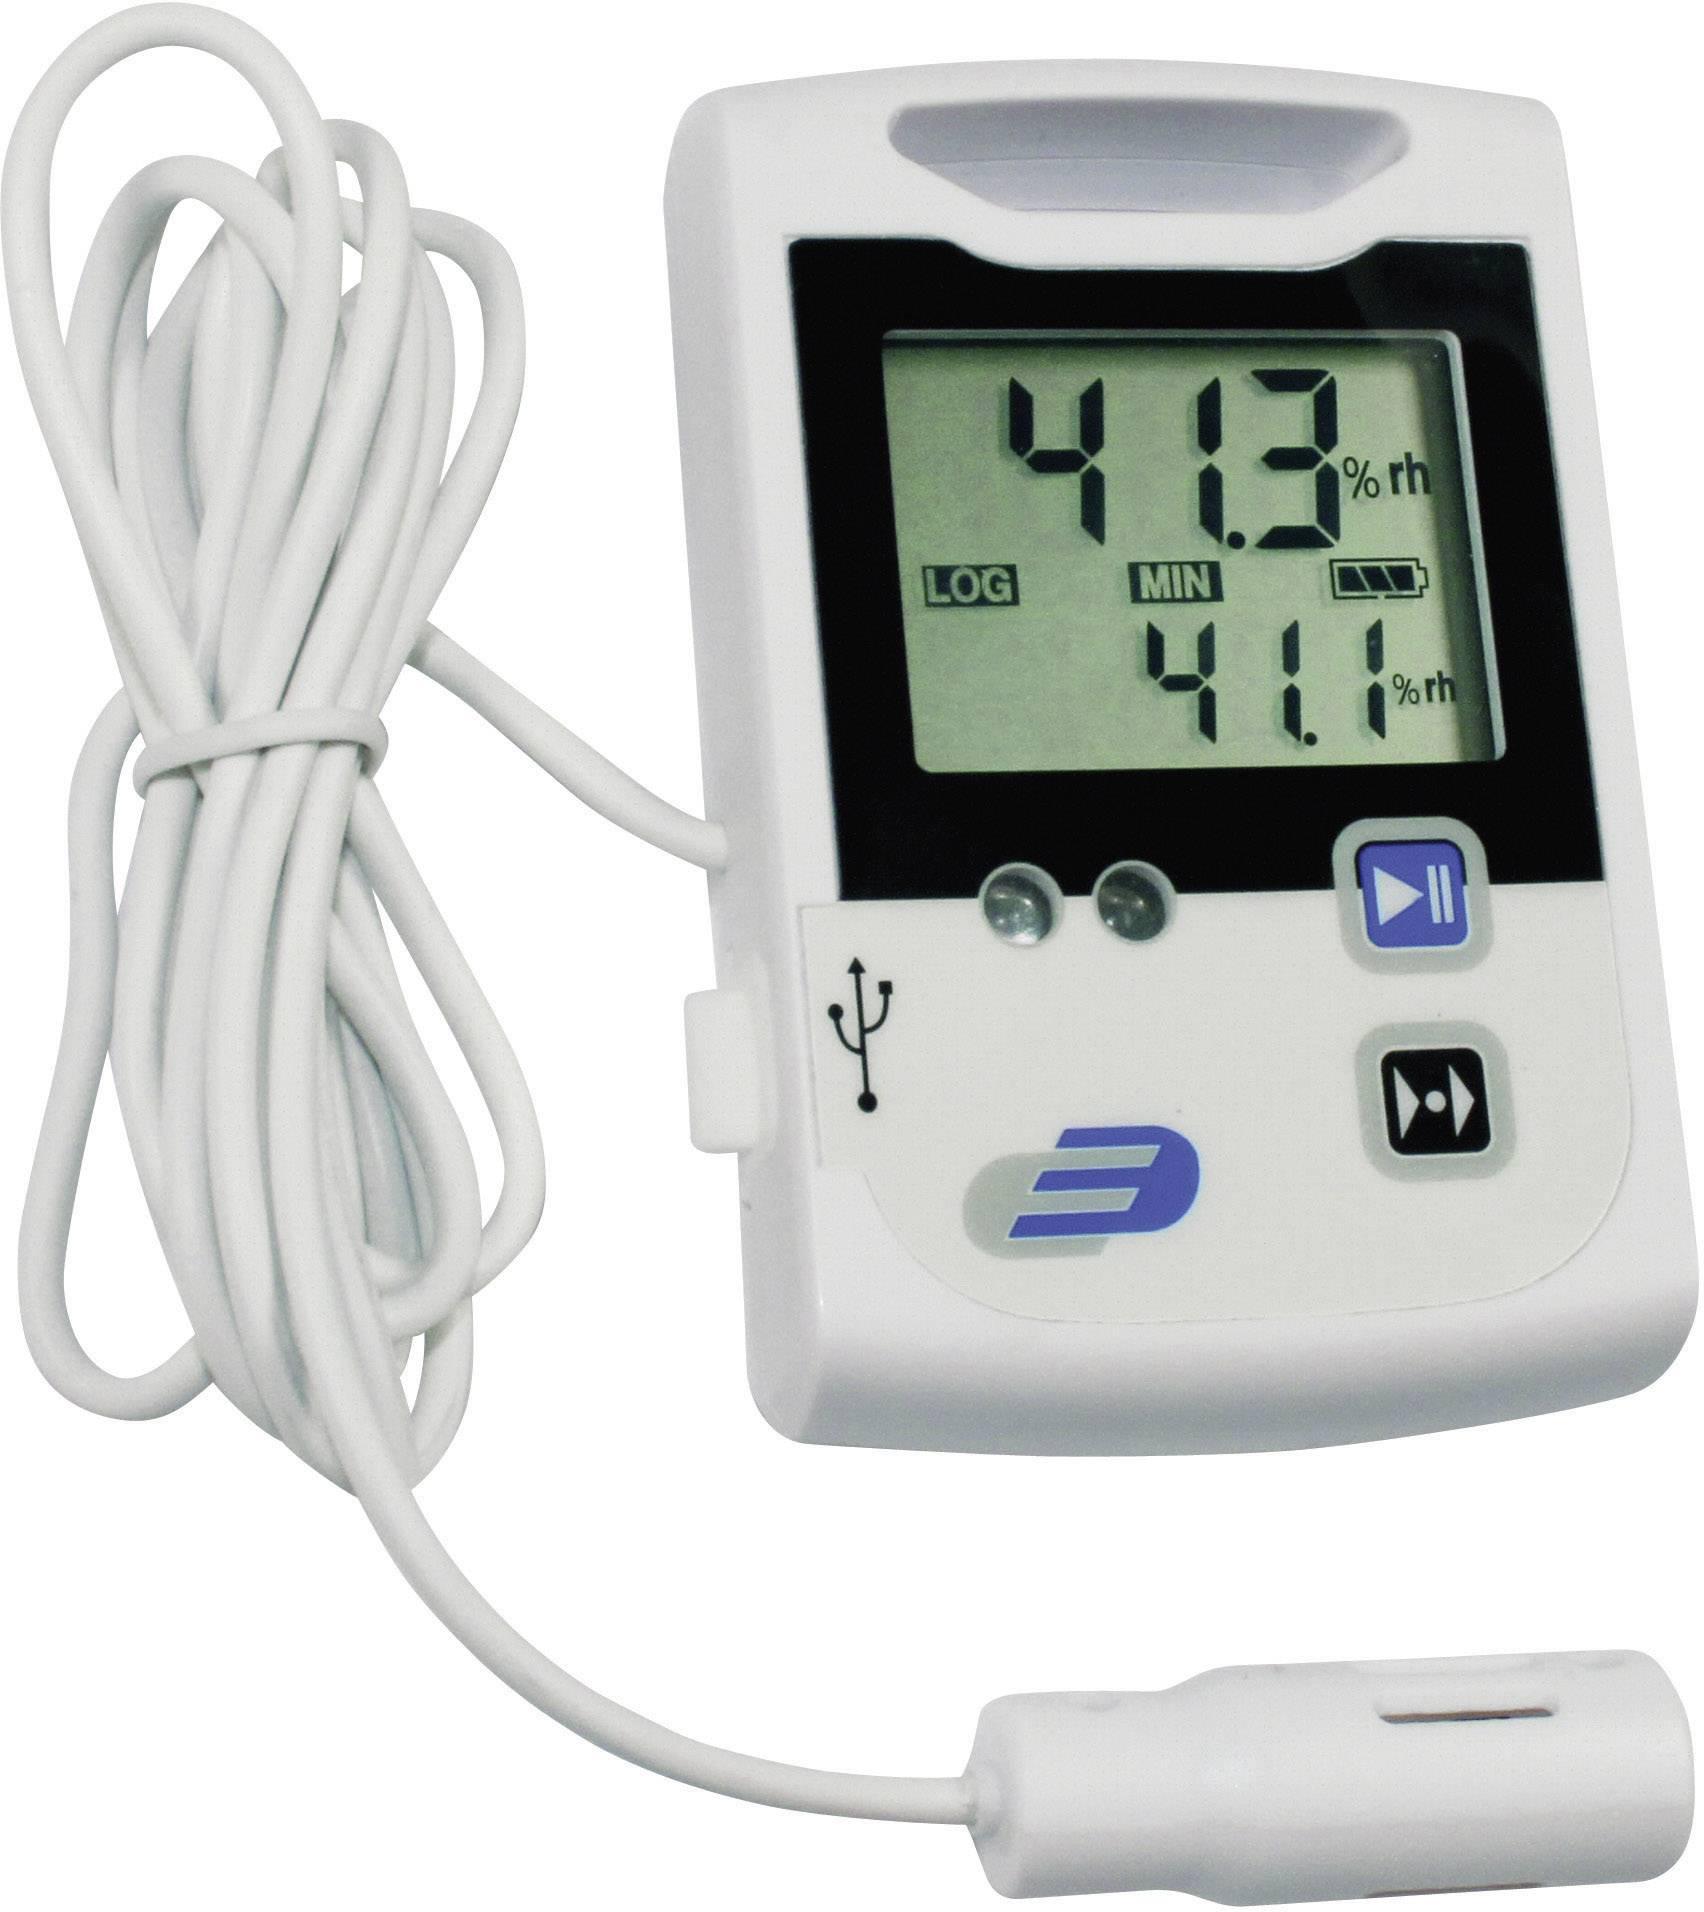 Teplotný/vlhkostný datalogger Dostmann Electronic LOG110, -30 až +70 °C